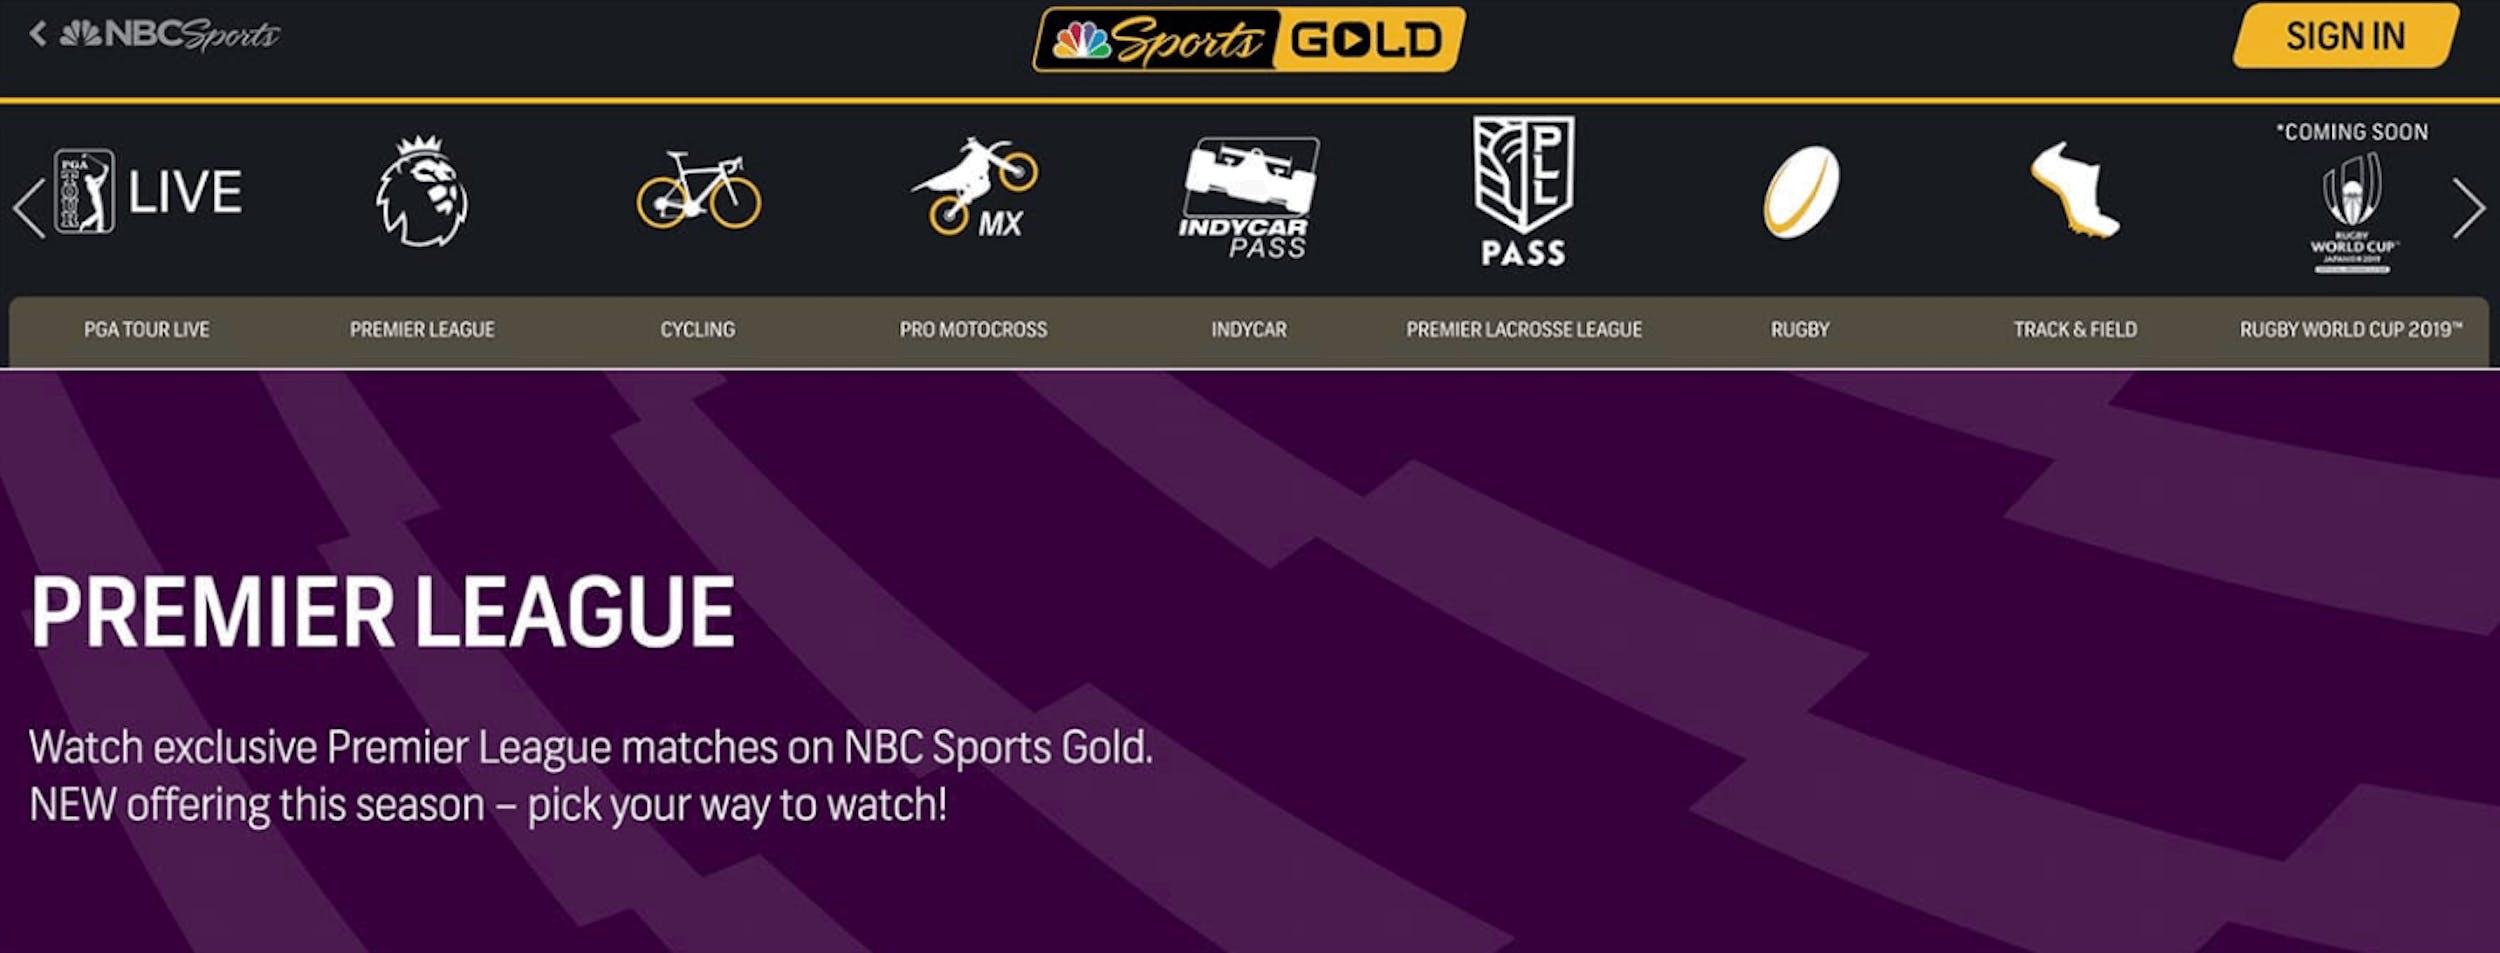 man united vs wolves live stream NBC sports gold